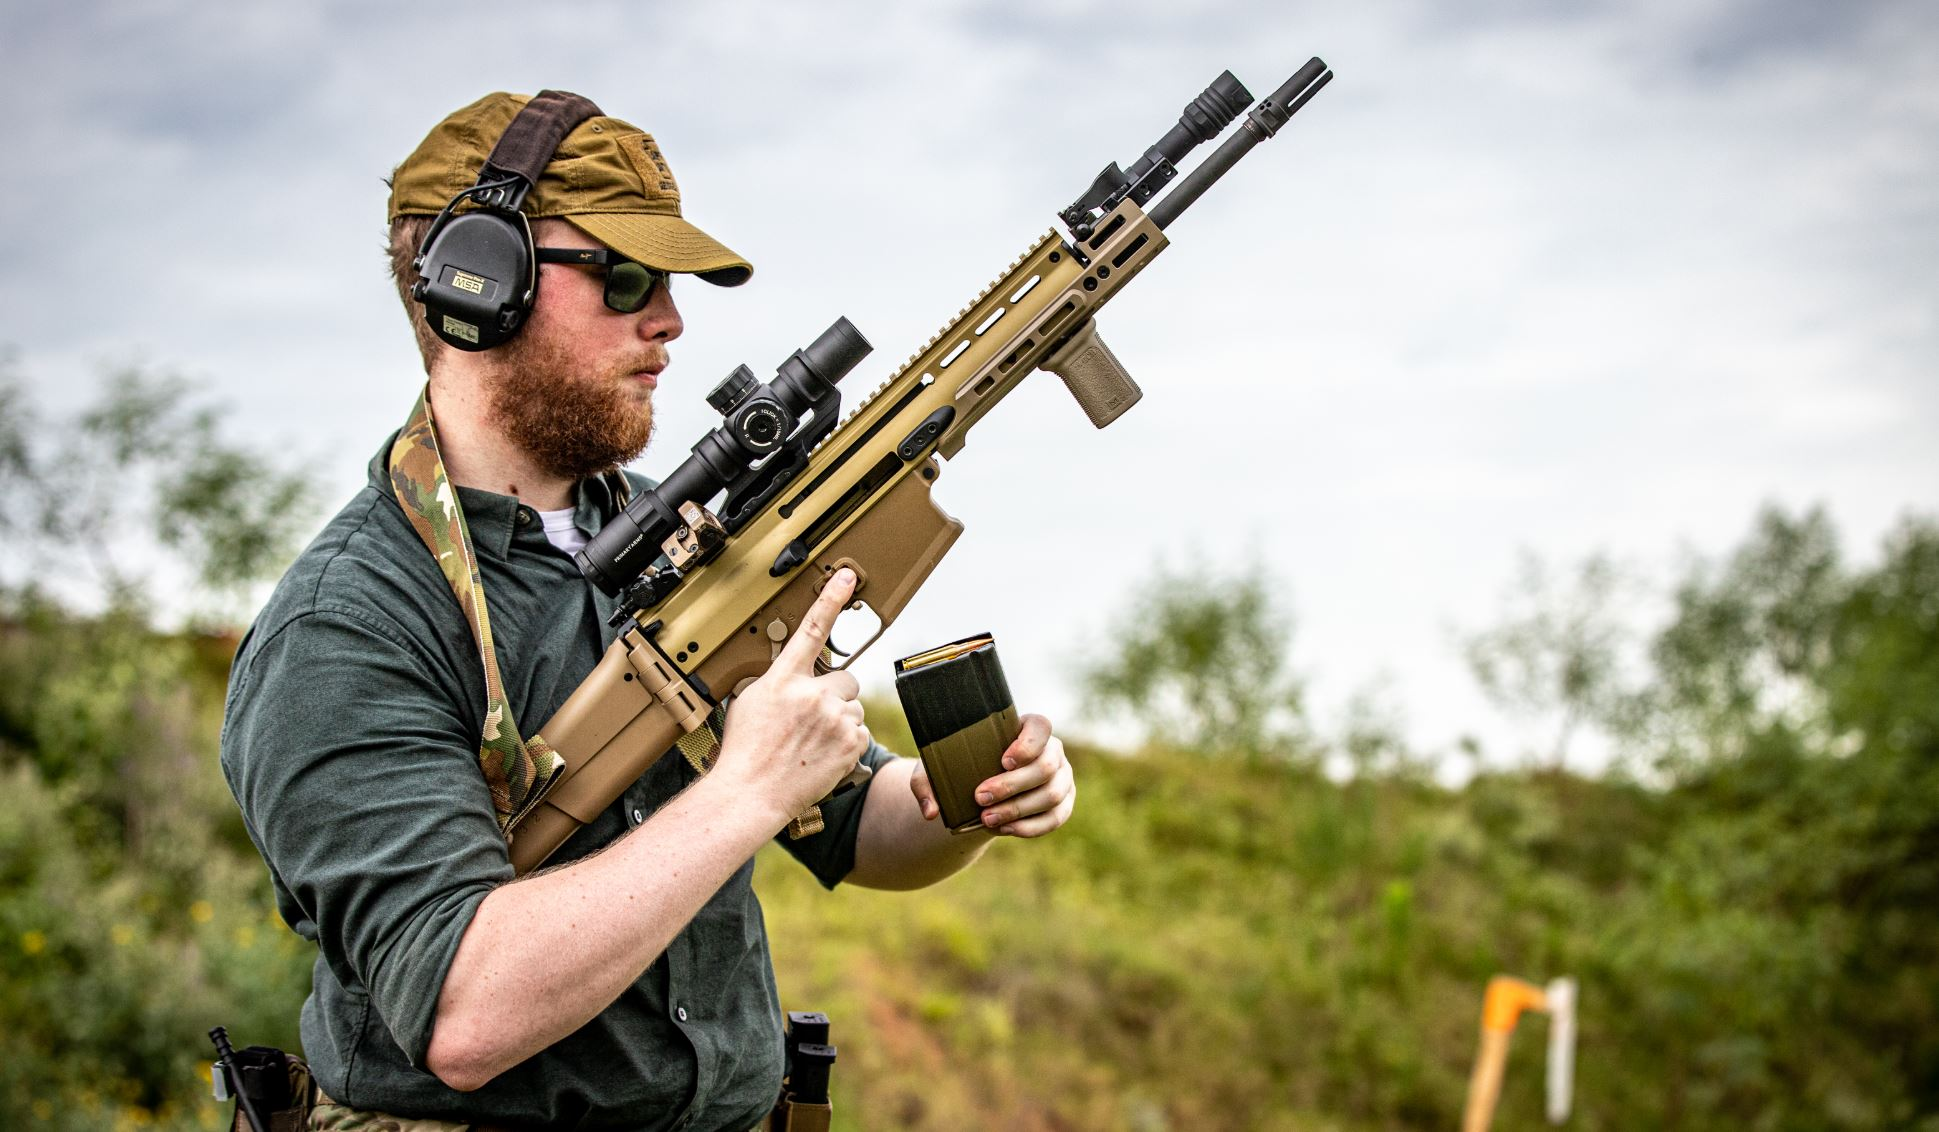 At the range.